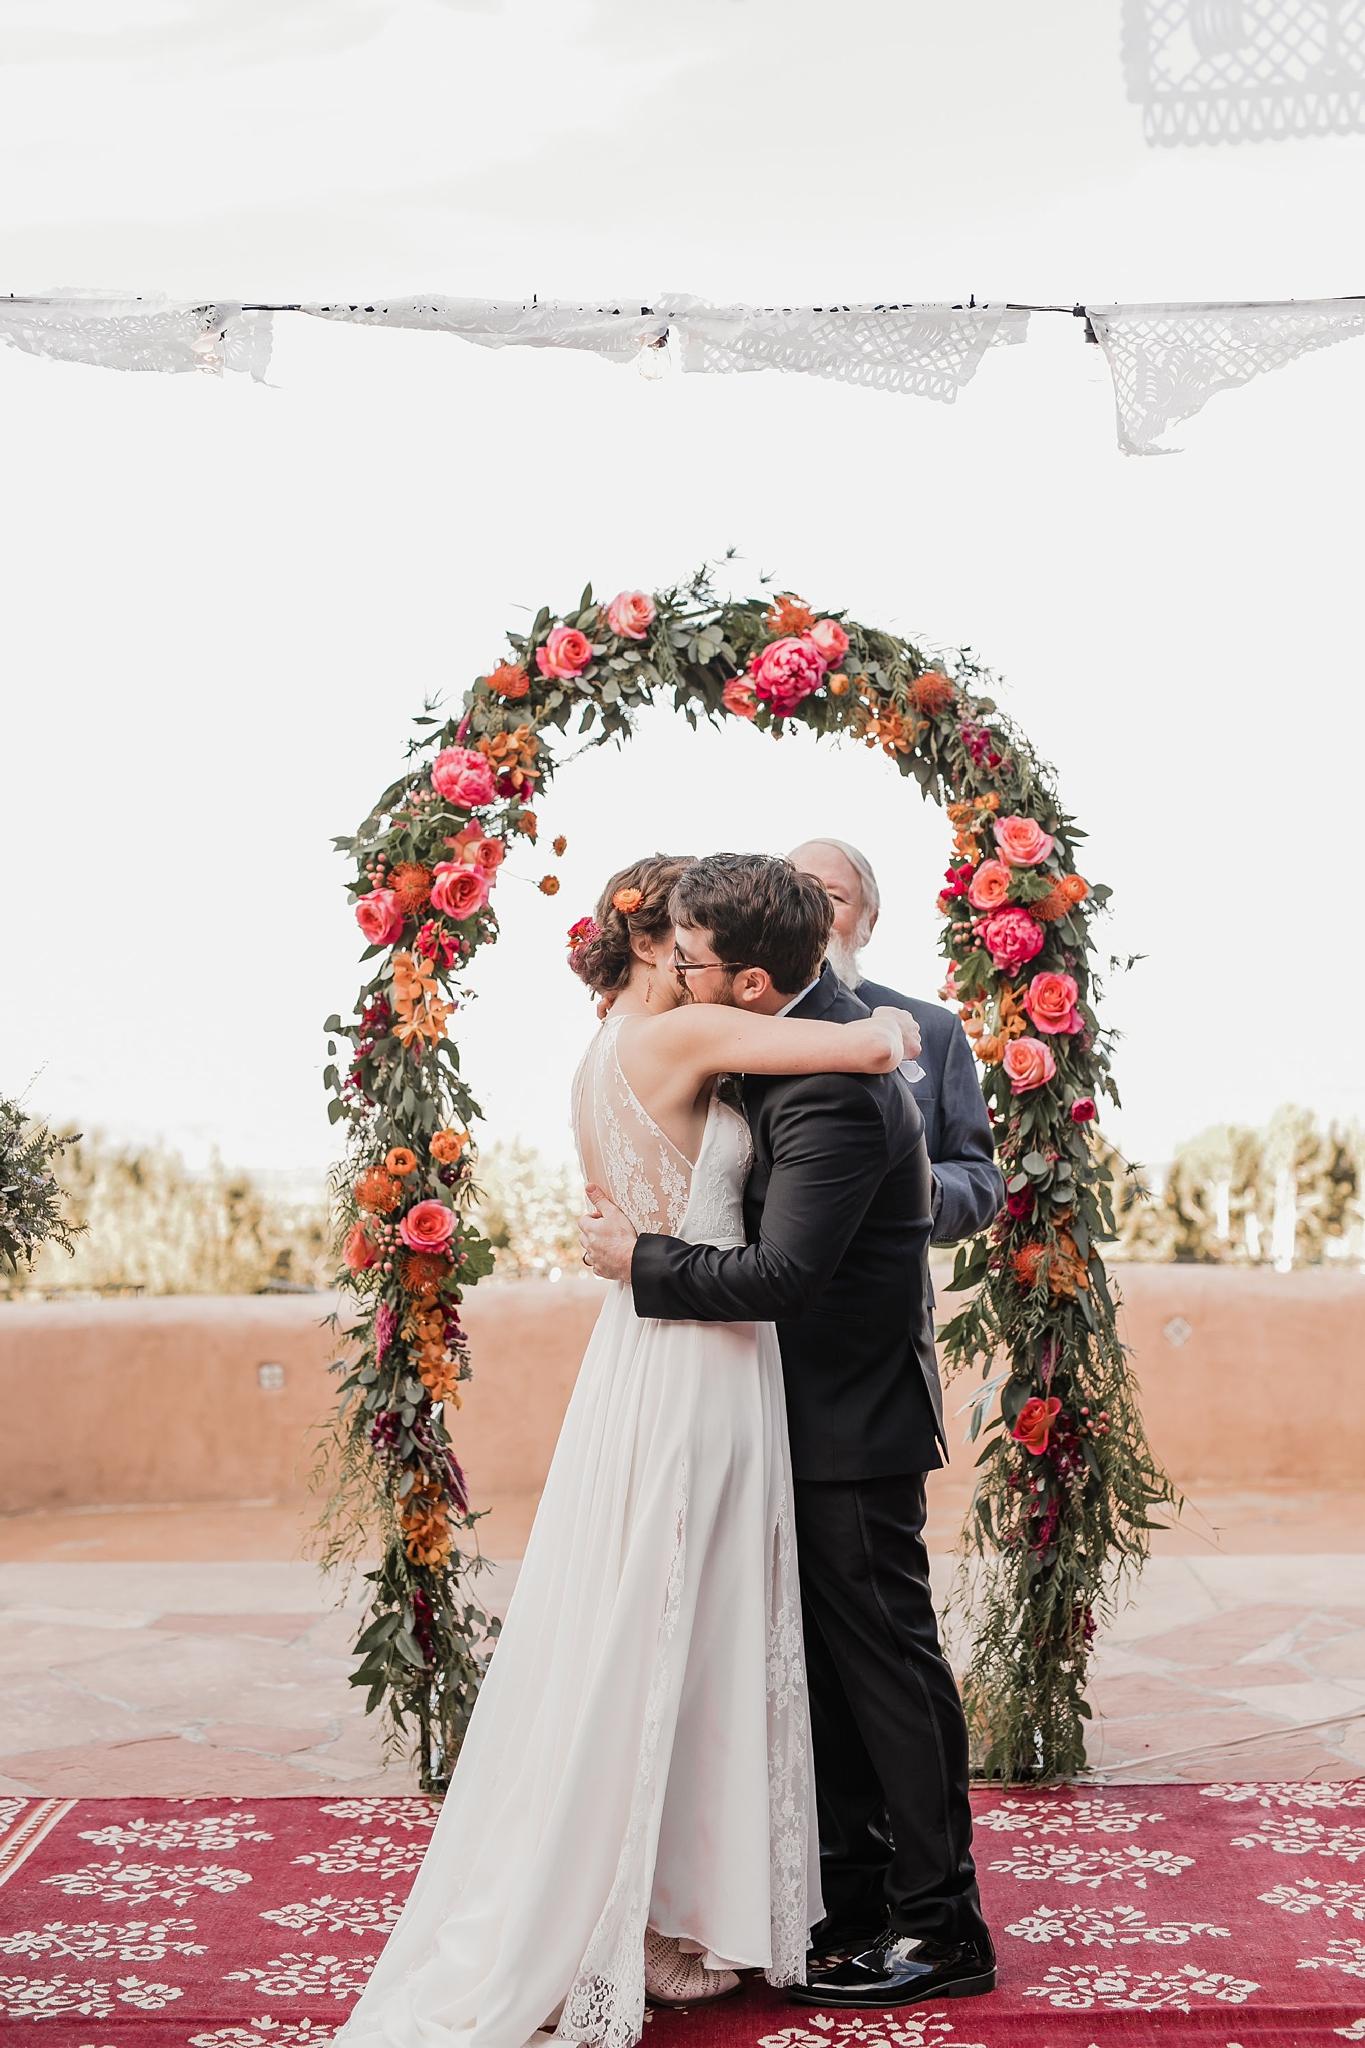 Alicia+lucia+photography+-+albuquerque+wedding+photographer+-+santa+fe+wedding+photography+-+new+mexico+wedding+photographer+-+new+mexico+wedding+-+wedding+vows+-+writing+your+own+vows+-+wedding+inspo_0035.jpg